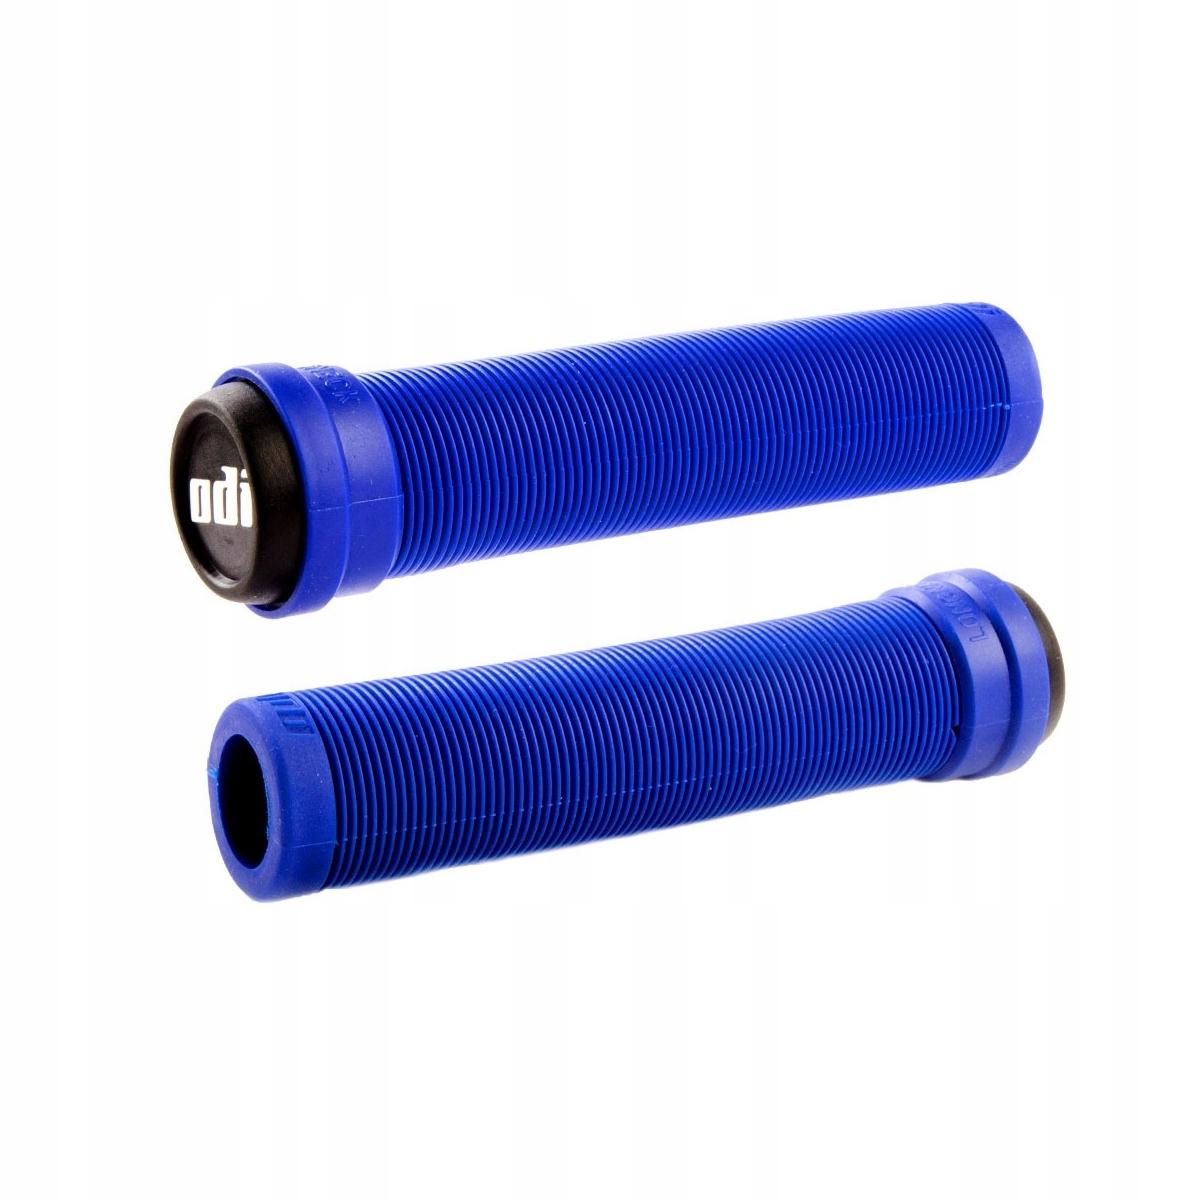 Gripy ODI Longneck Soft FL Blue + gripy Barendy